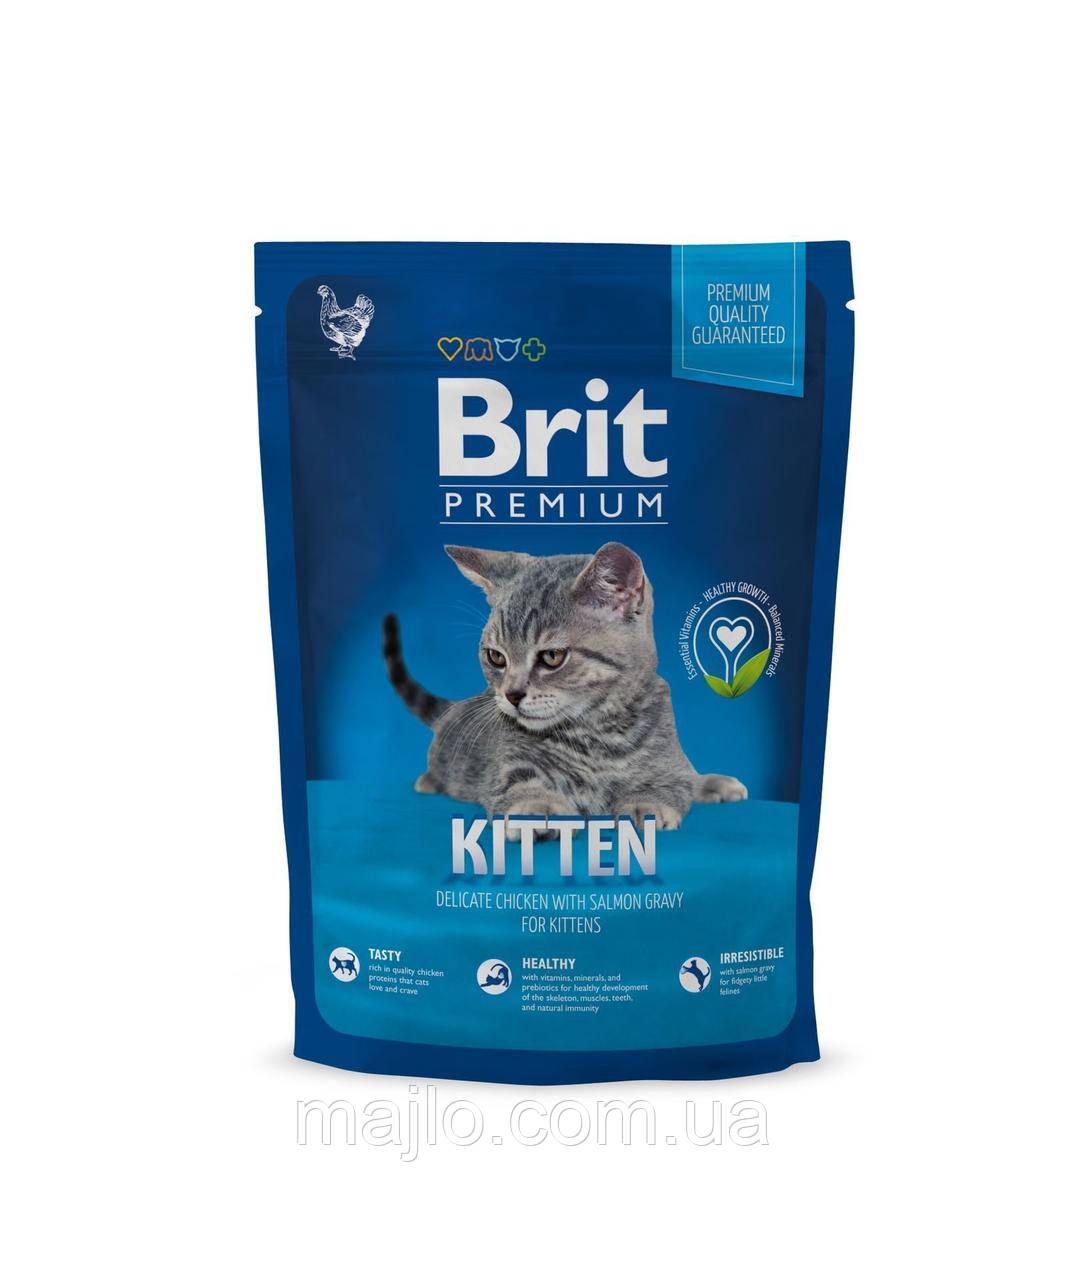 Сухой корм Brit Premium Kitten Брит Премиум для котят с курицей в лососевом соусе 1,5 кг, 170353